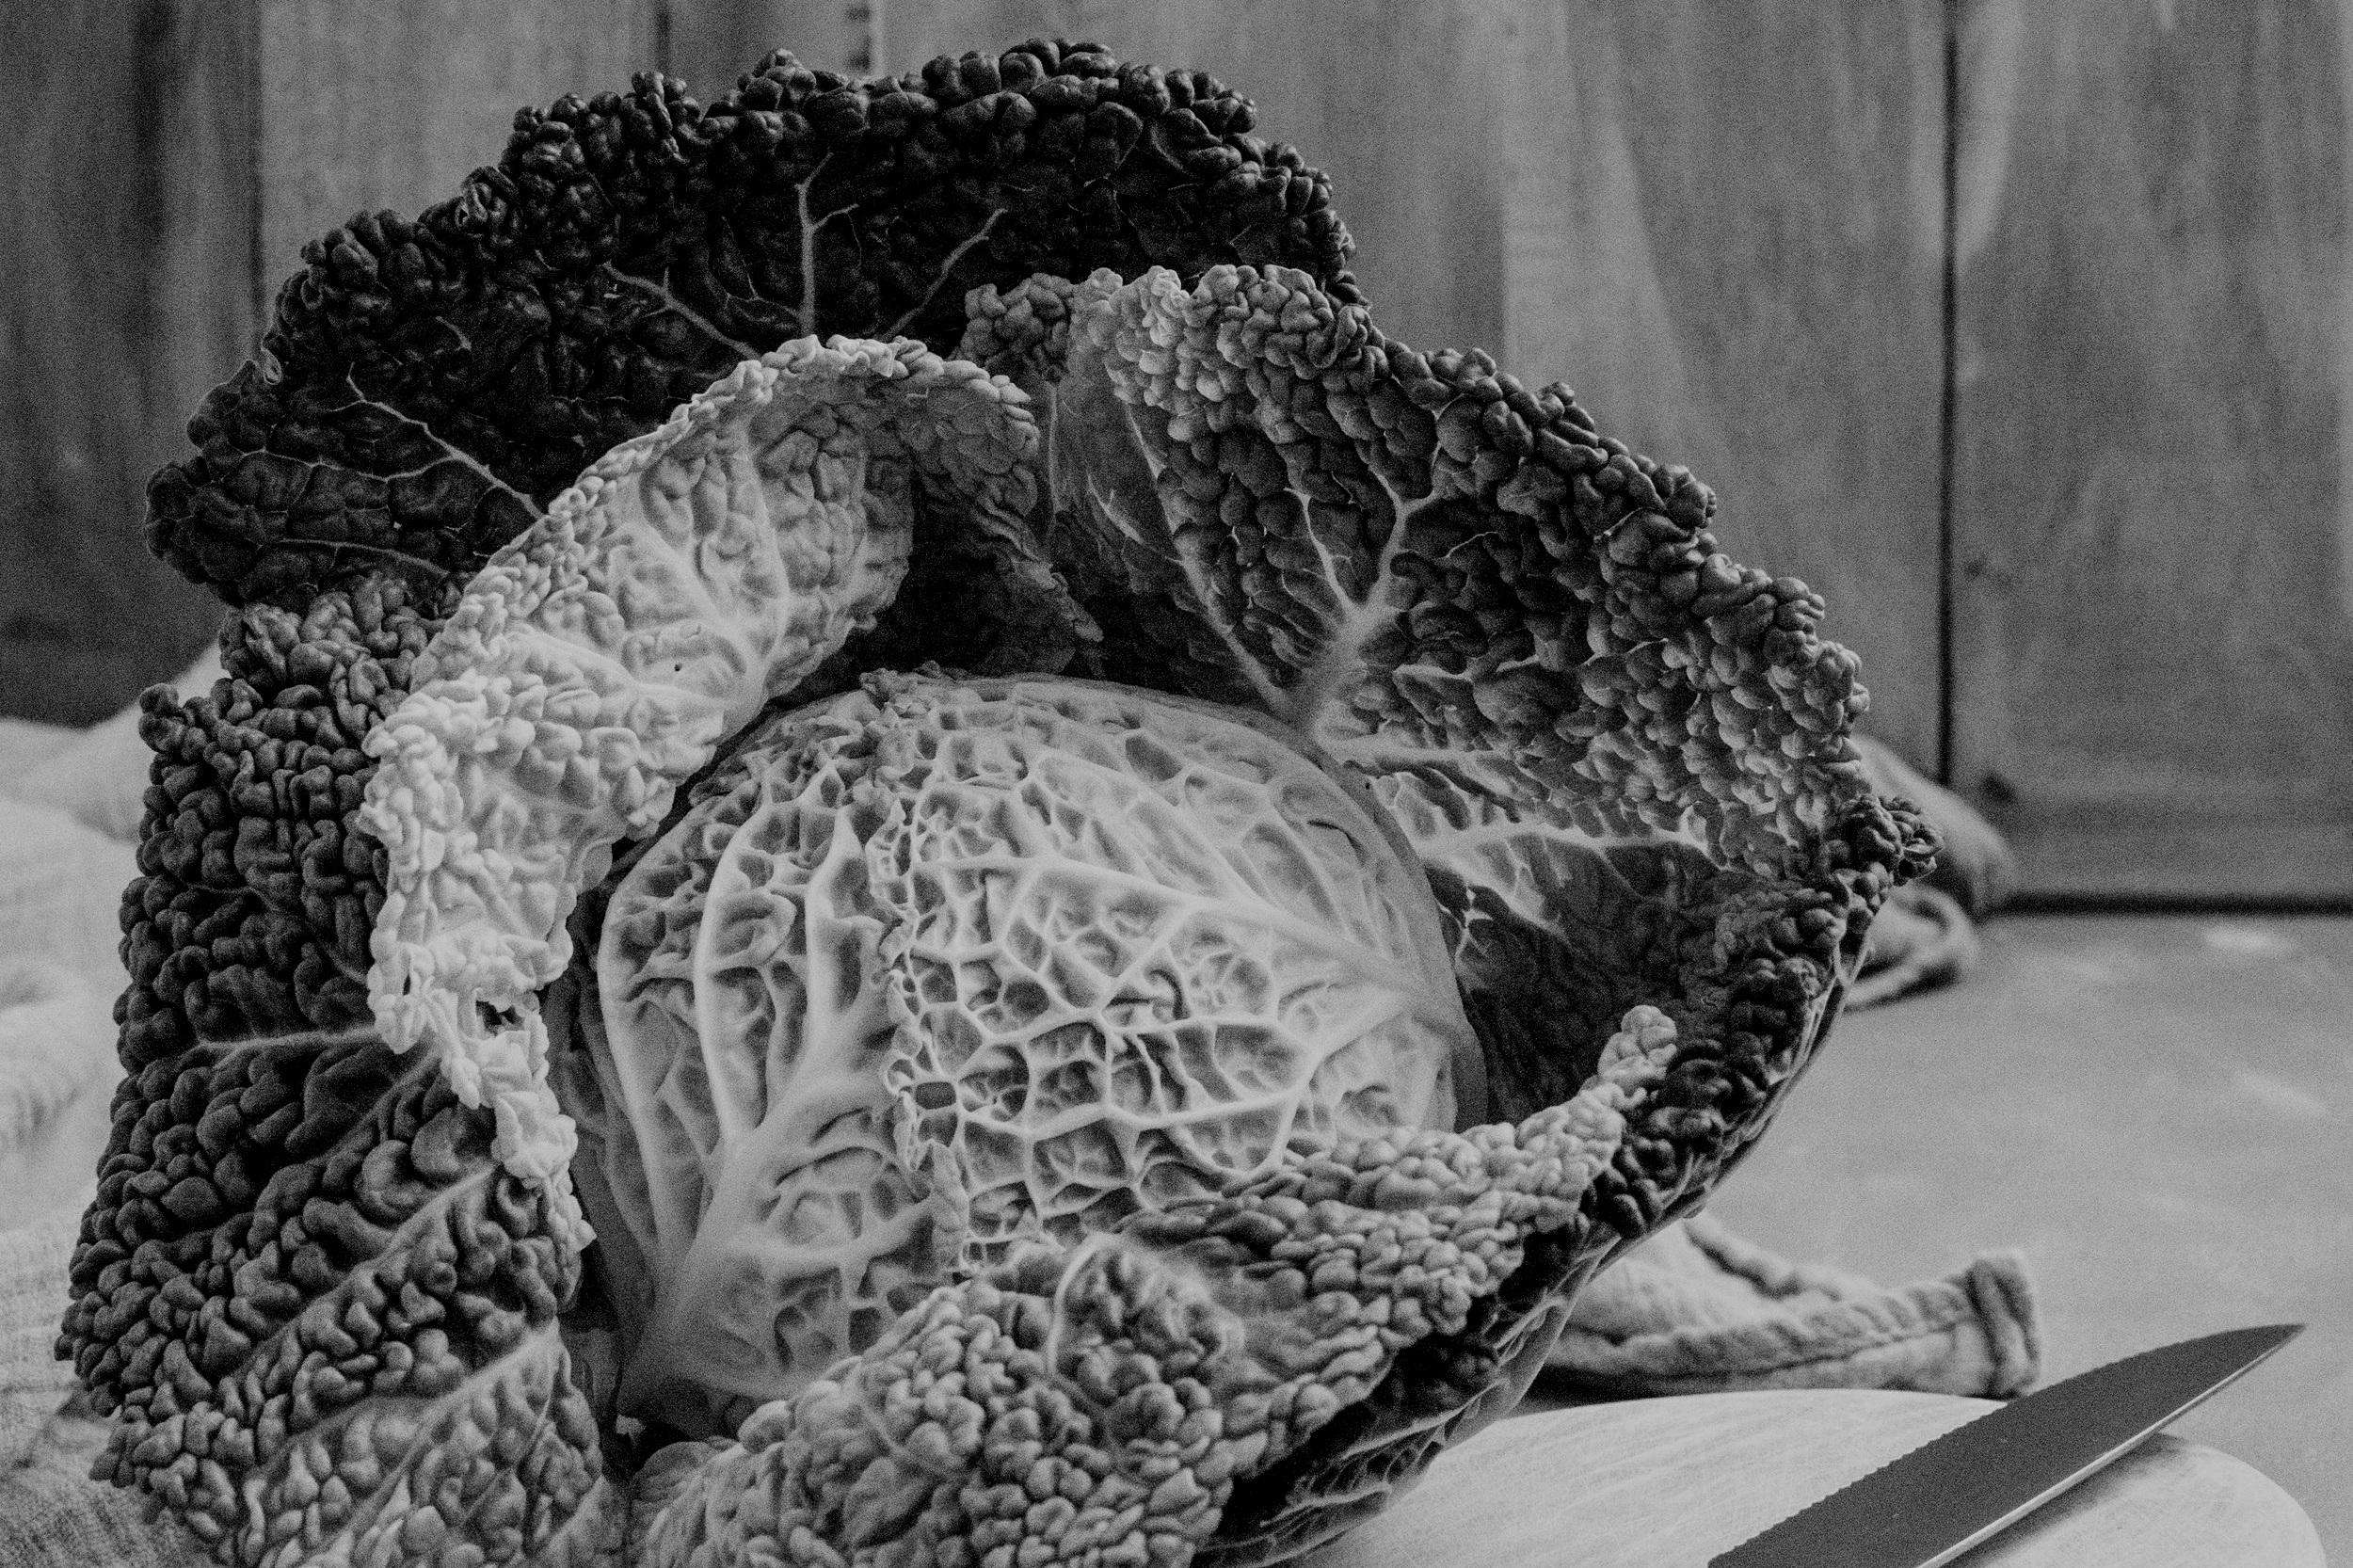 Coleslaw -